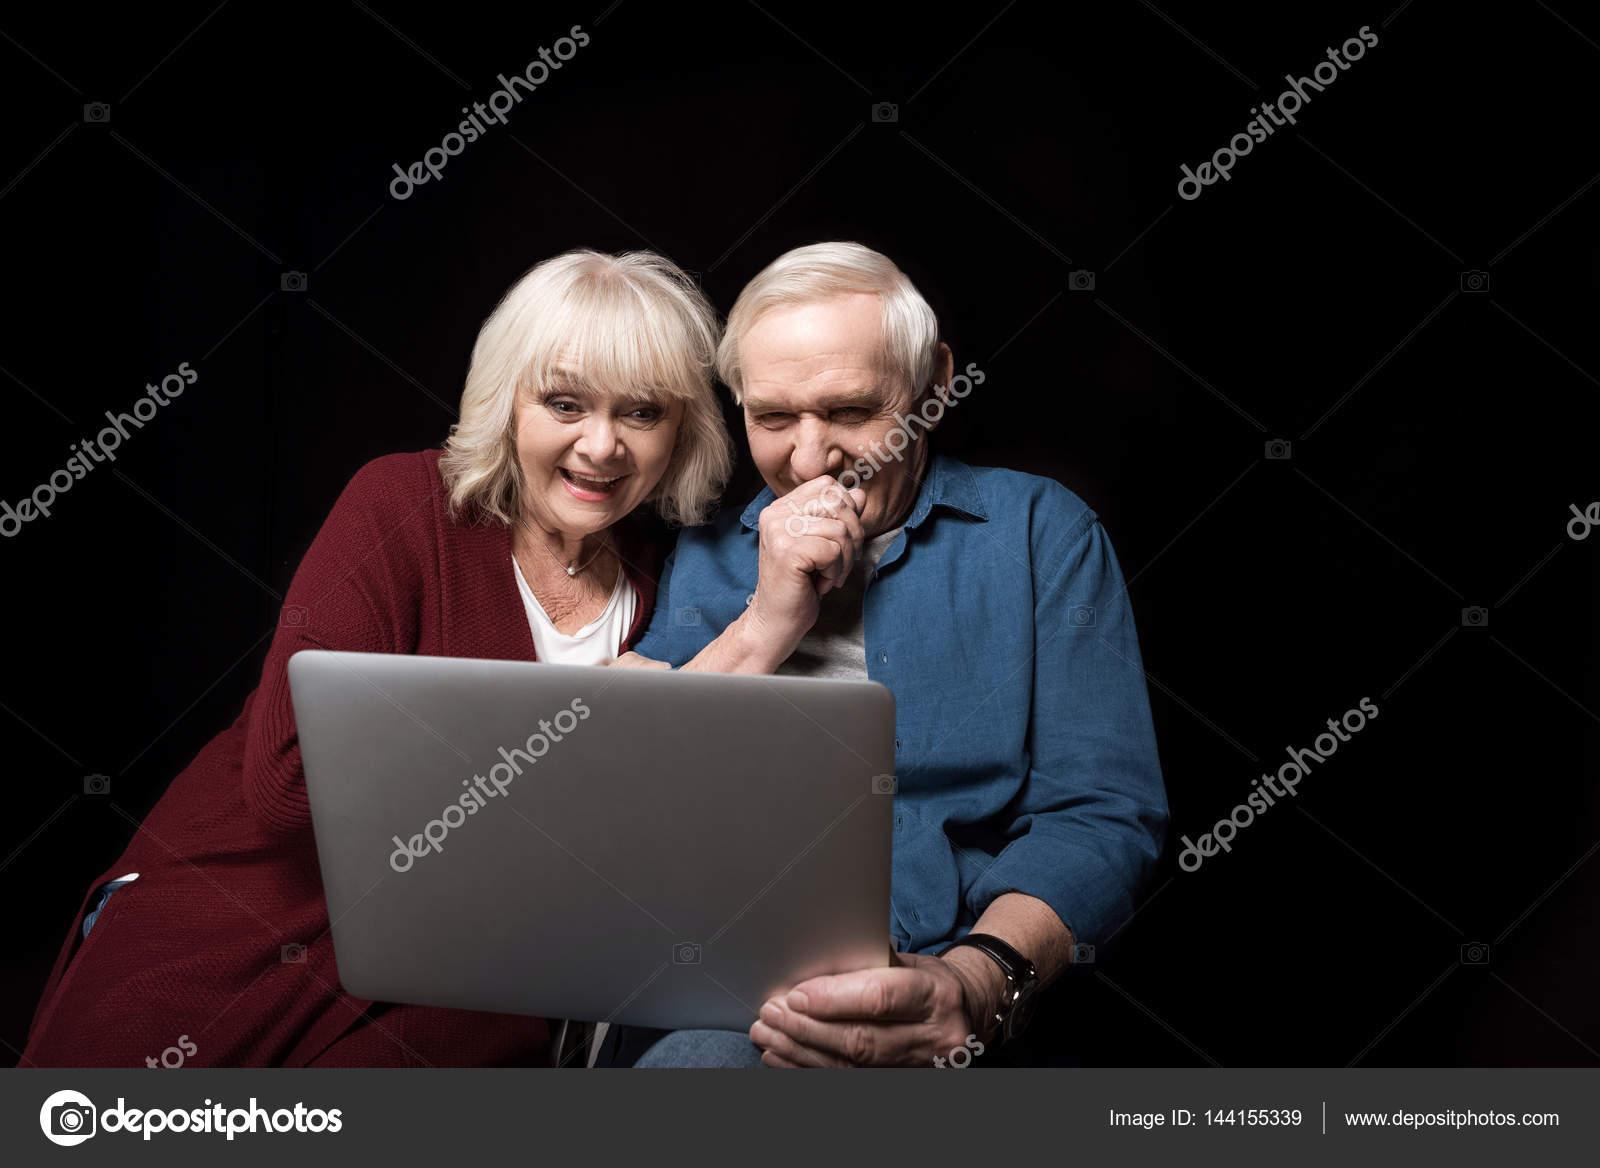 couple de personnes g es l 39 aide d 39 ordinateur portable photographie tarasmalyarevich. Black Bedroom Furniture Sets. Home Design Ideas